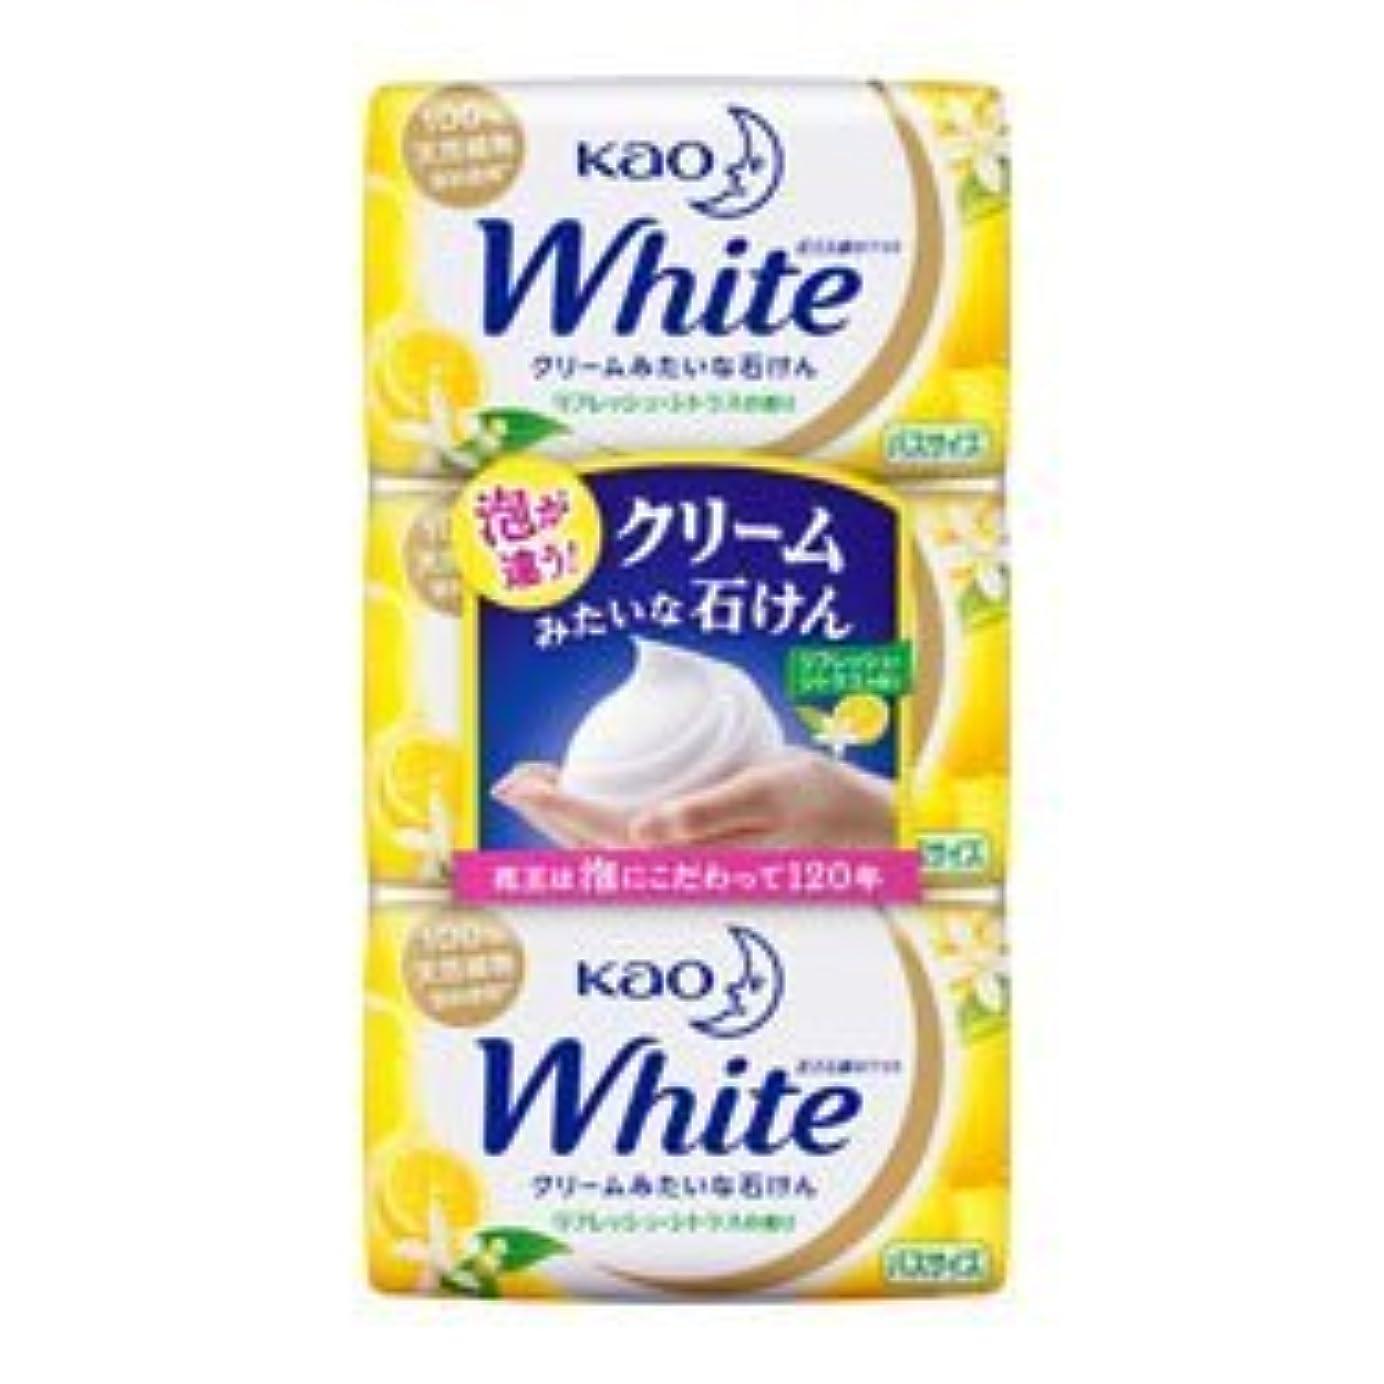 洞窟苦行もし【花王】ホワイト リフレッシュ?シトラスの香り バスサイズ 130g×3個入 ×3個セット